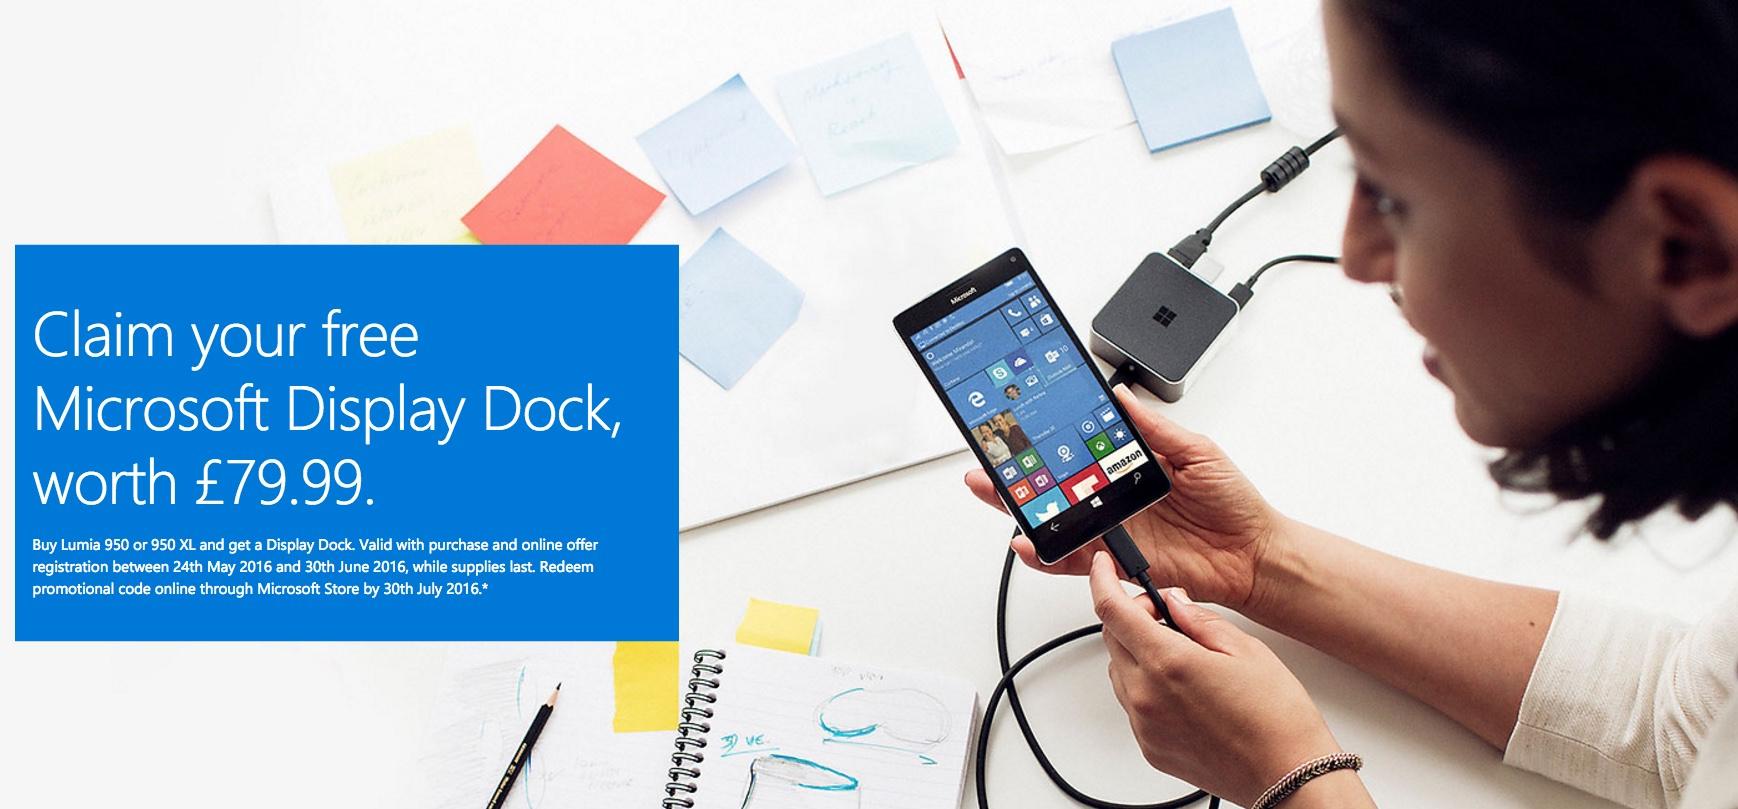 Dock offer